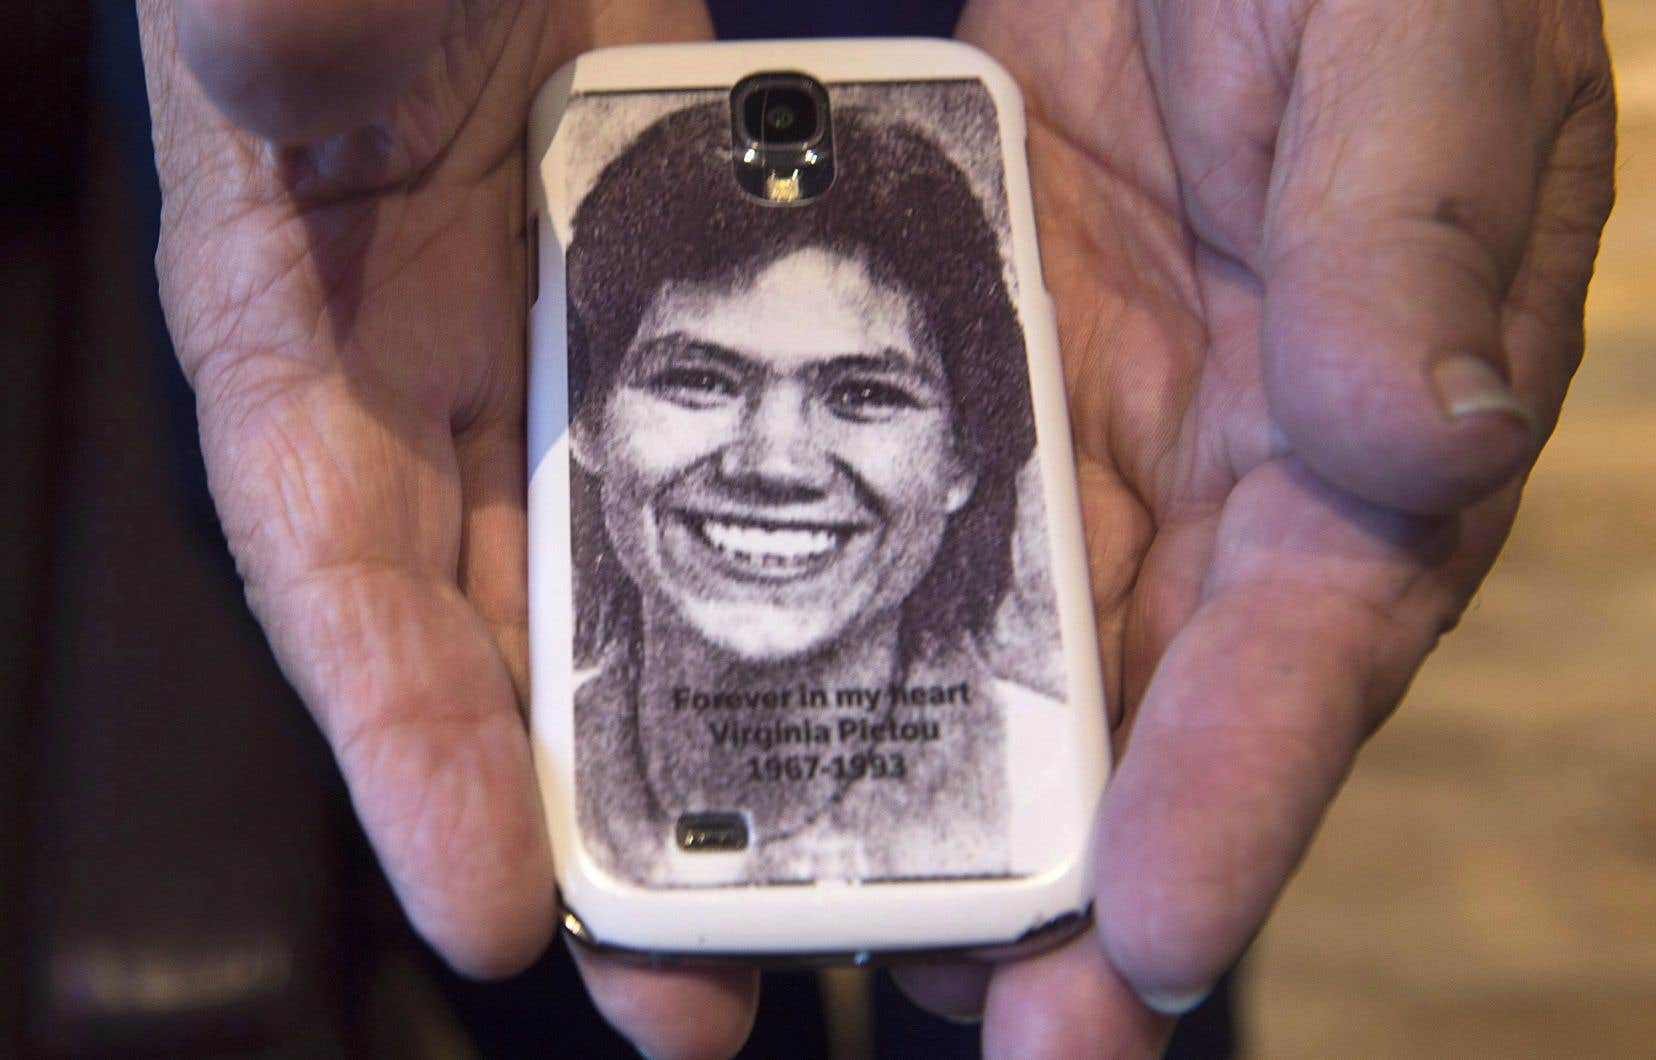 Robert Pictou montre la photo de sa fille, Virginia Pictou Noyes, disparue il y a 24ans.